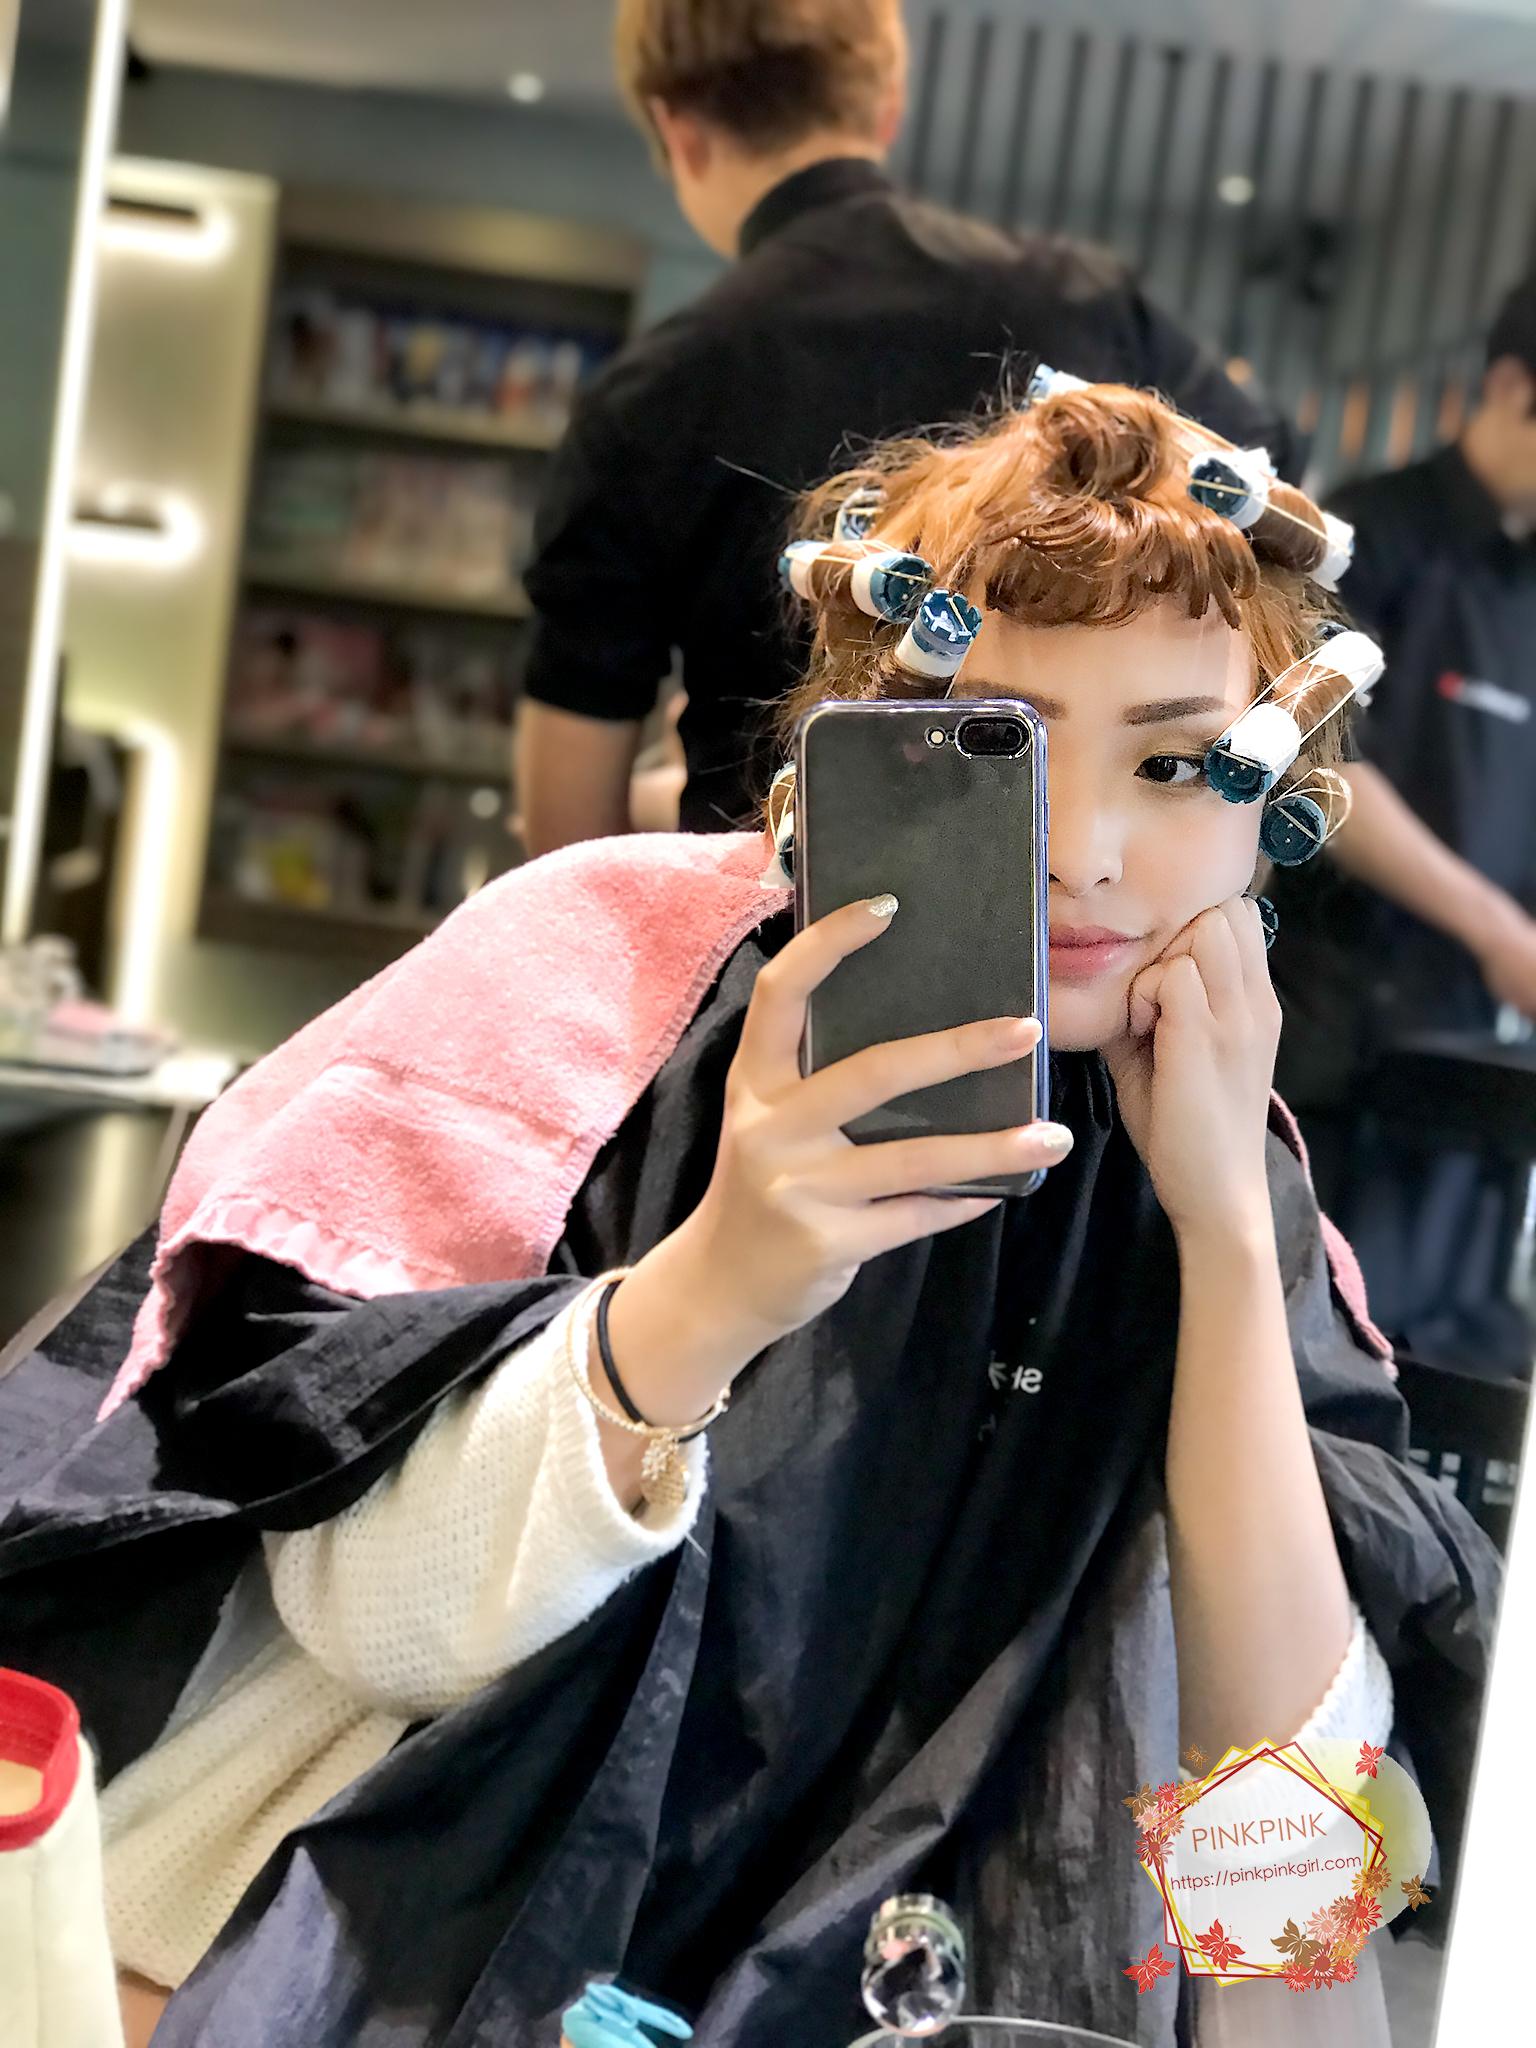 台中『夏森髮型』染護髮超推薦!溫柔質木系髮色~自然霧棕綠~染髮&護髮的溫潤光澤就交給『夏森』了!